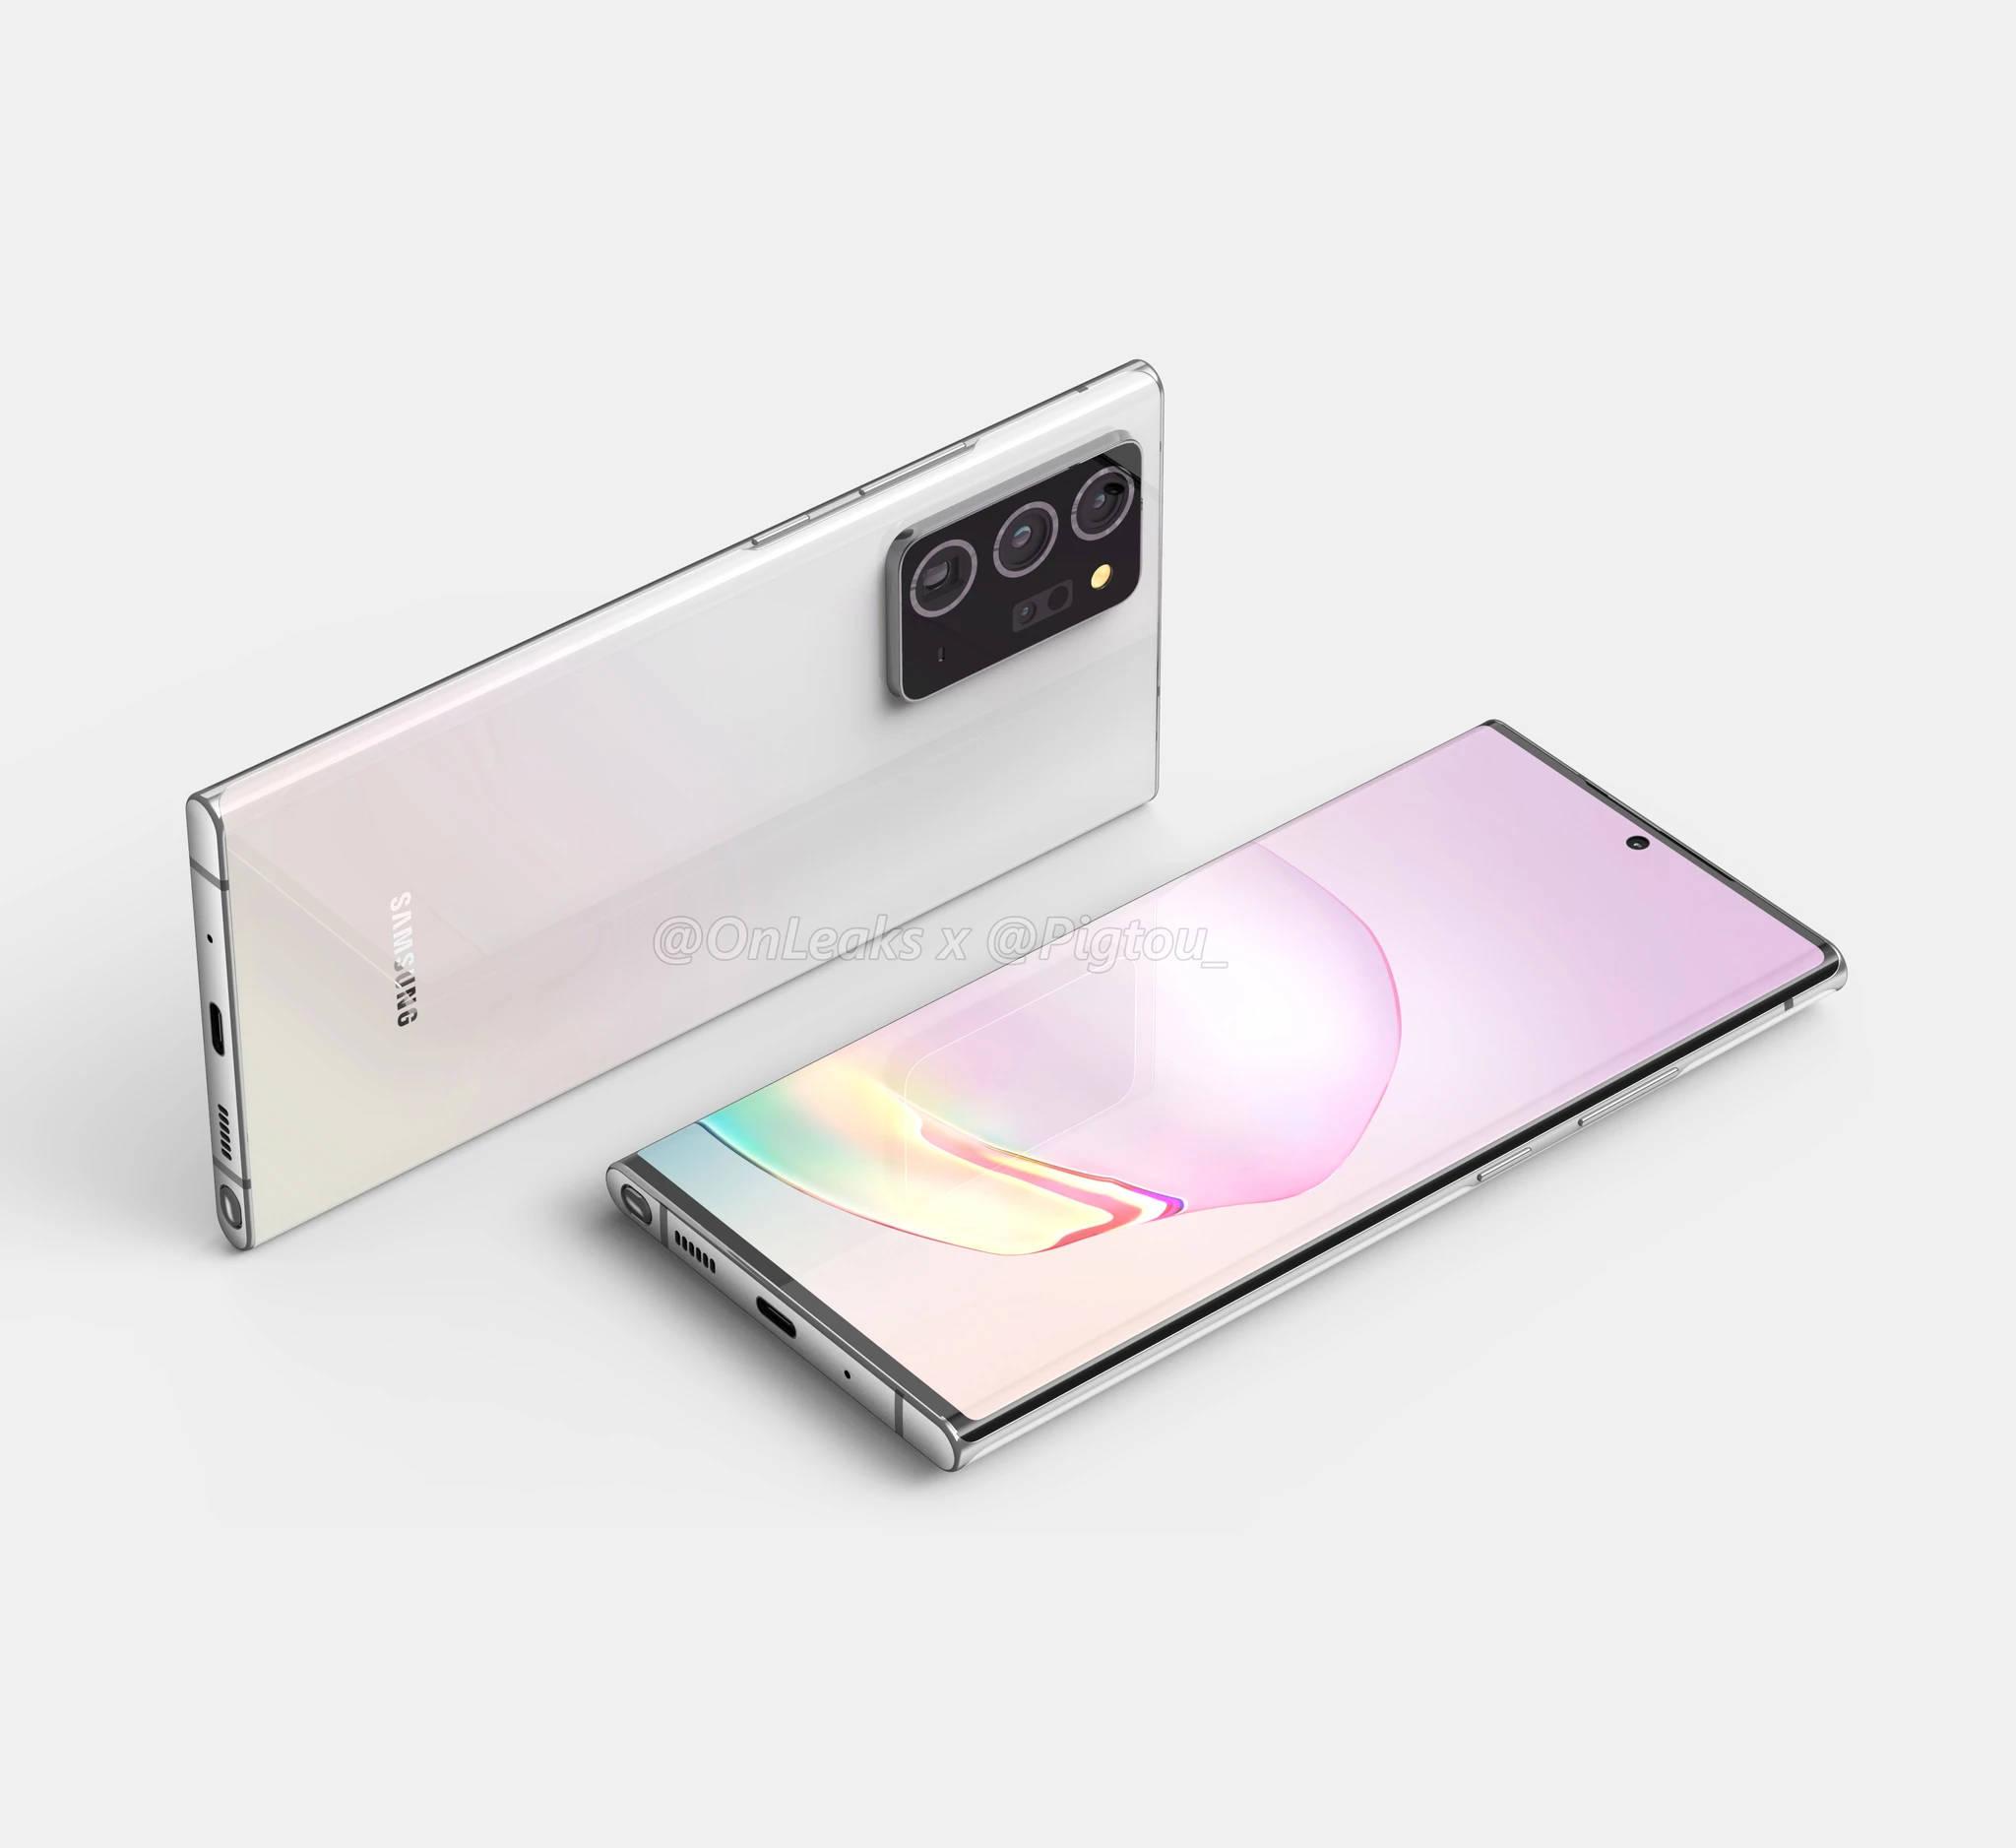 Samsung Galaxy Note 20 Ultra 5G plotki przecieki wycieki specyfikacja dane techniczne aparat zoom